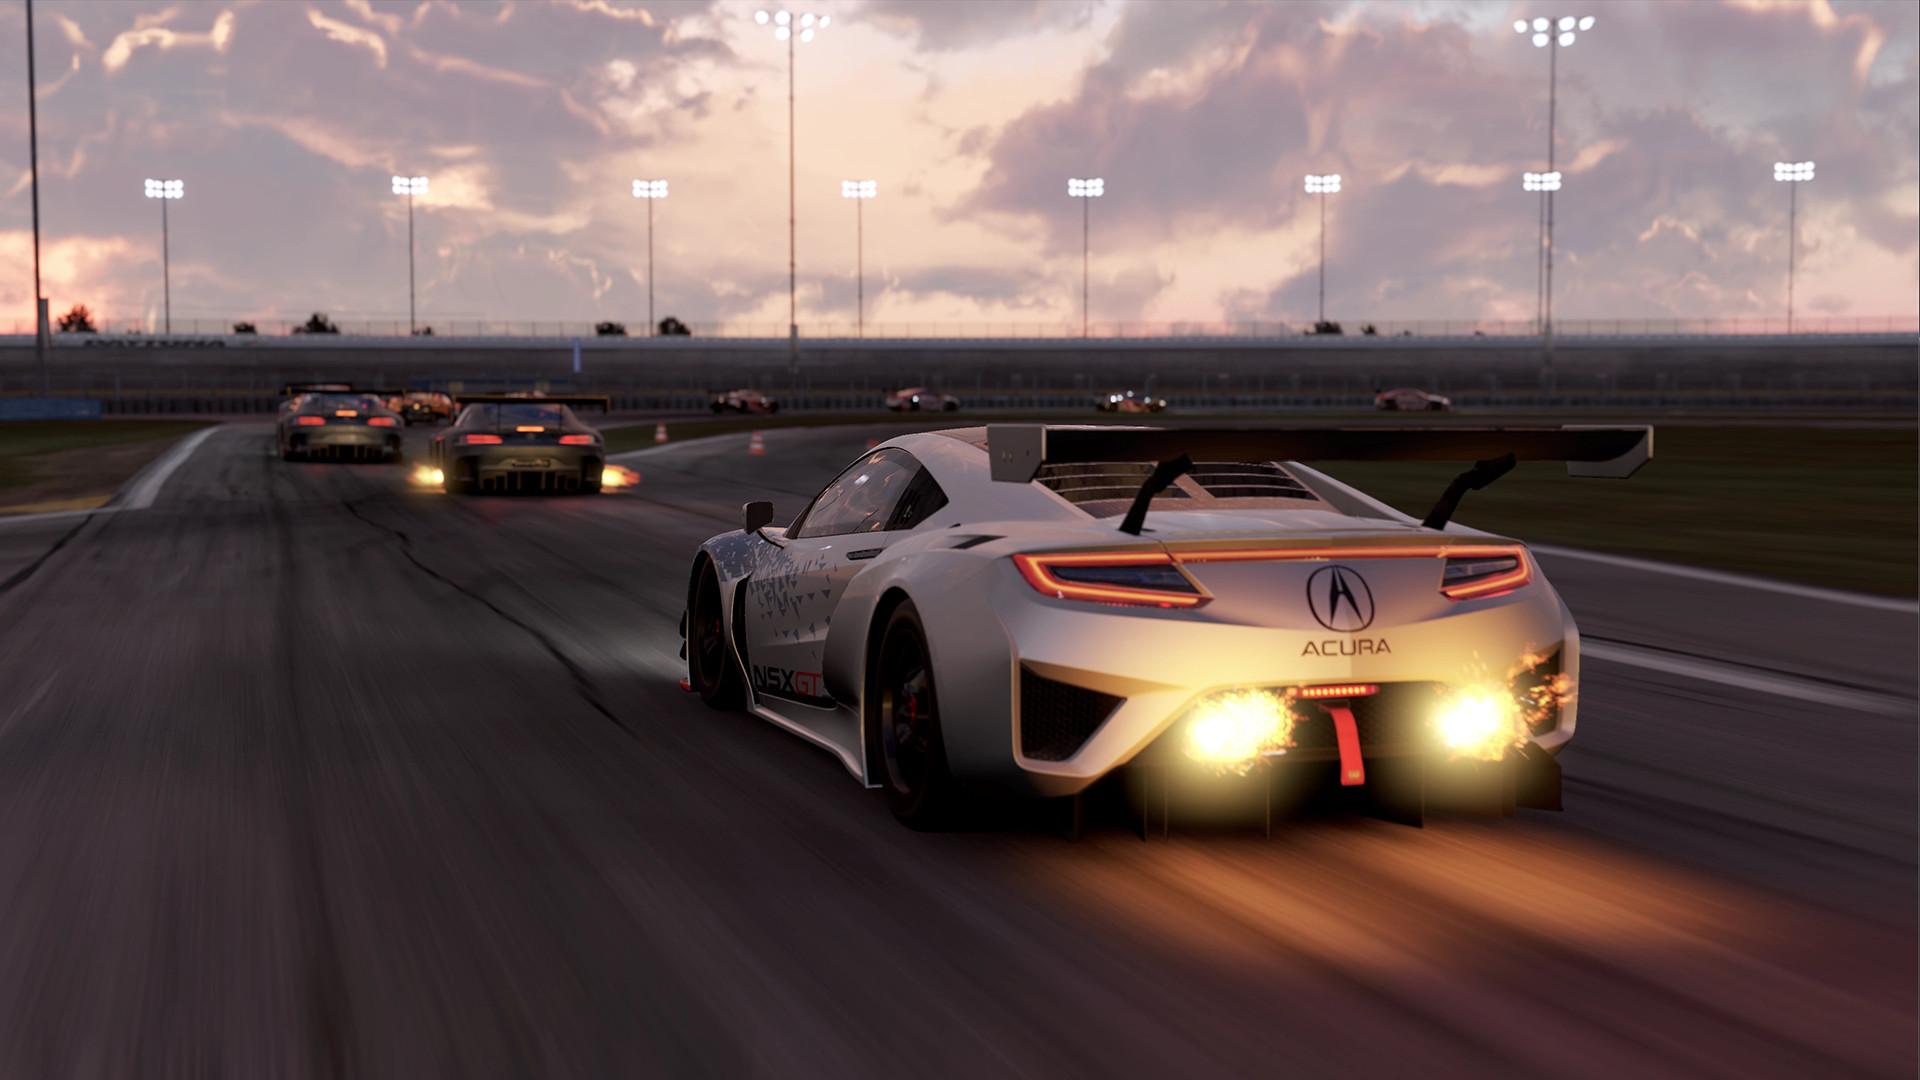 Bandai Namco publicó el primer tráiler de Project CARS 3